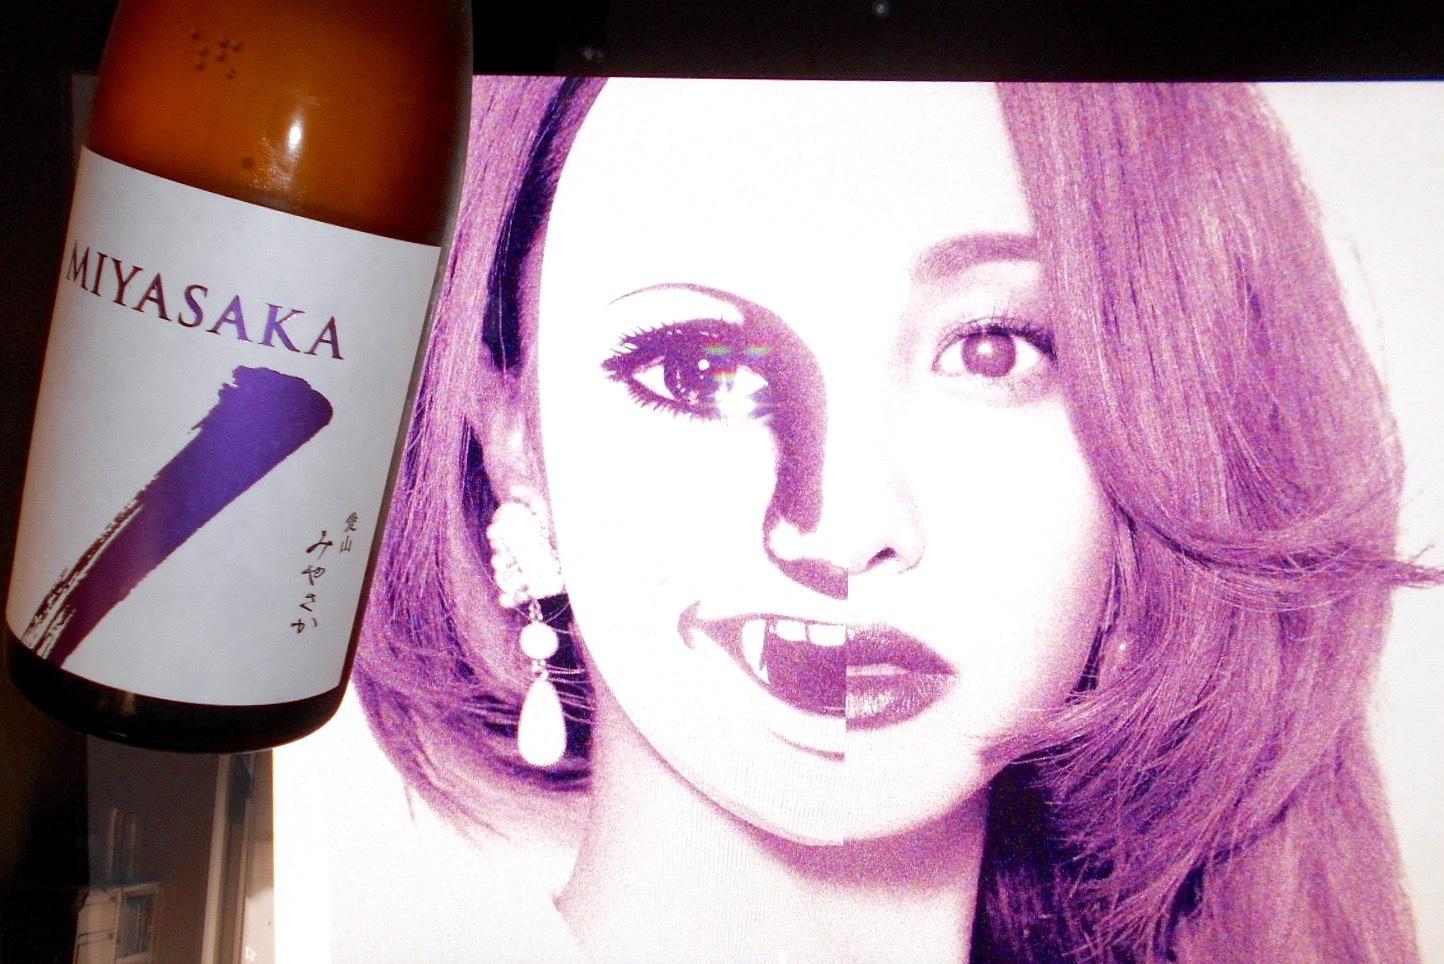 MIYASAKA_aiyama30by1.jpg